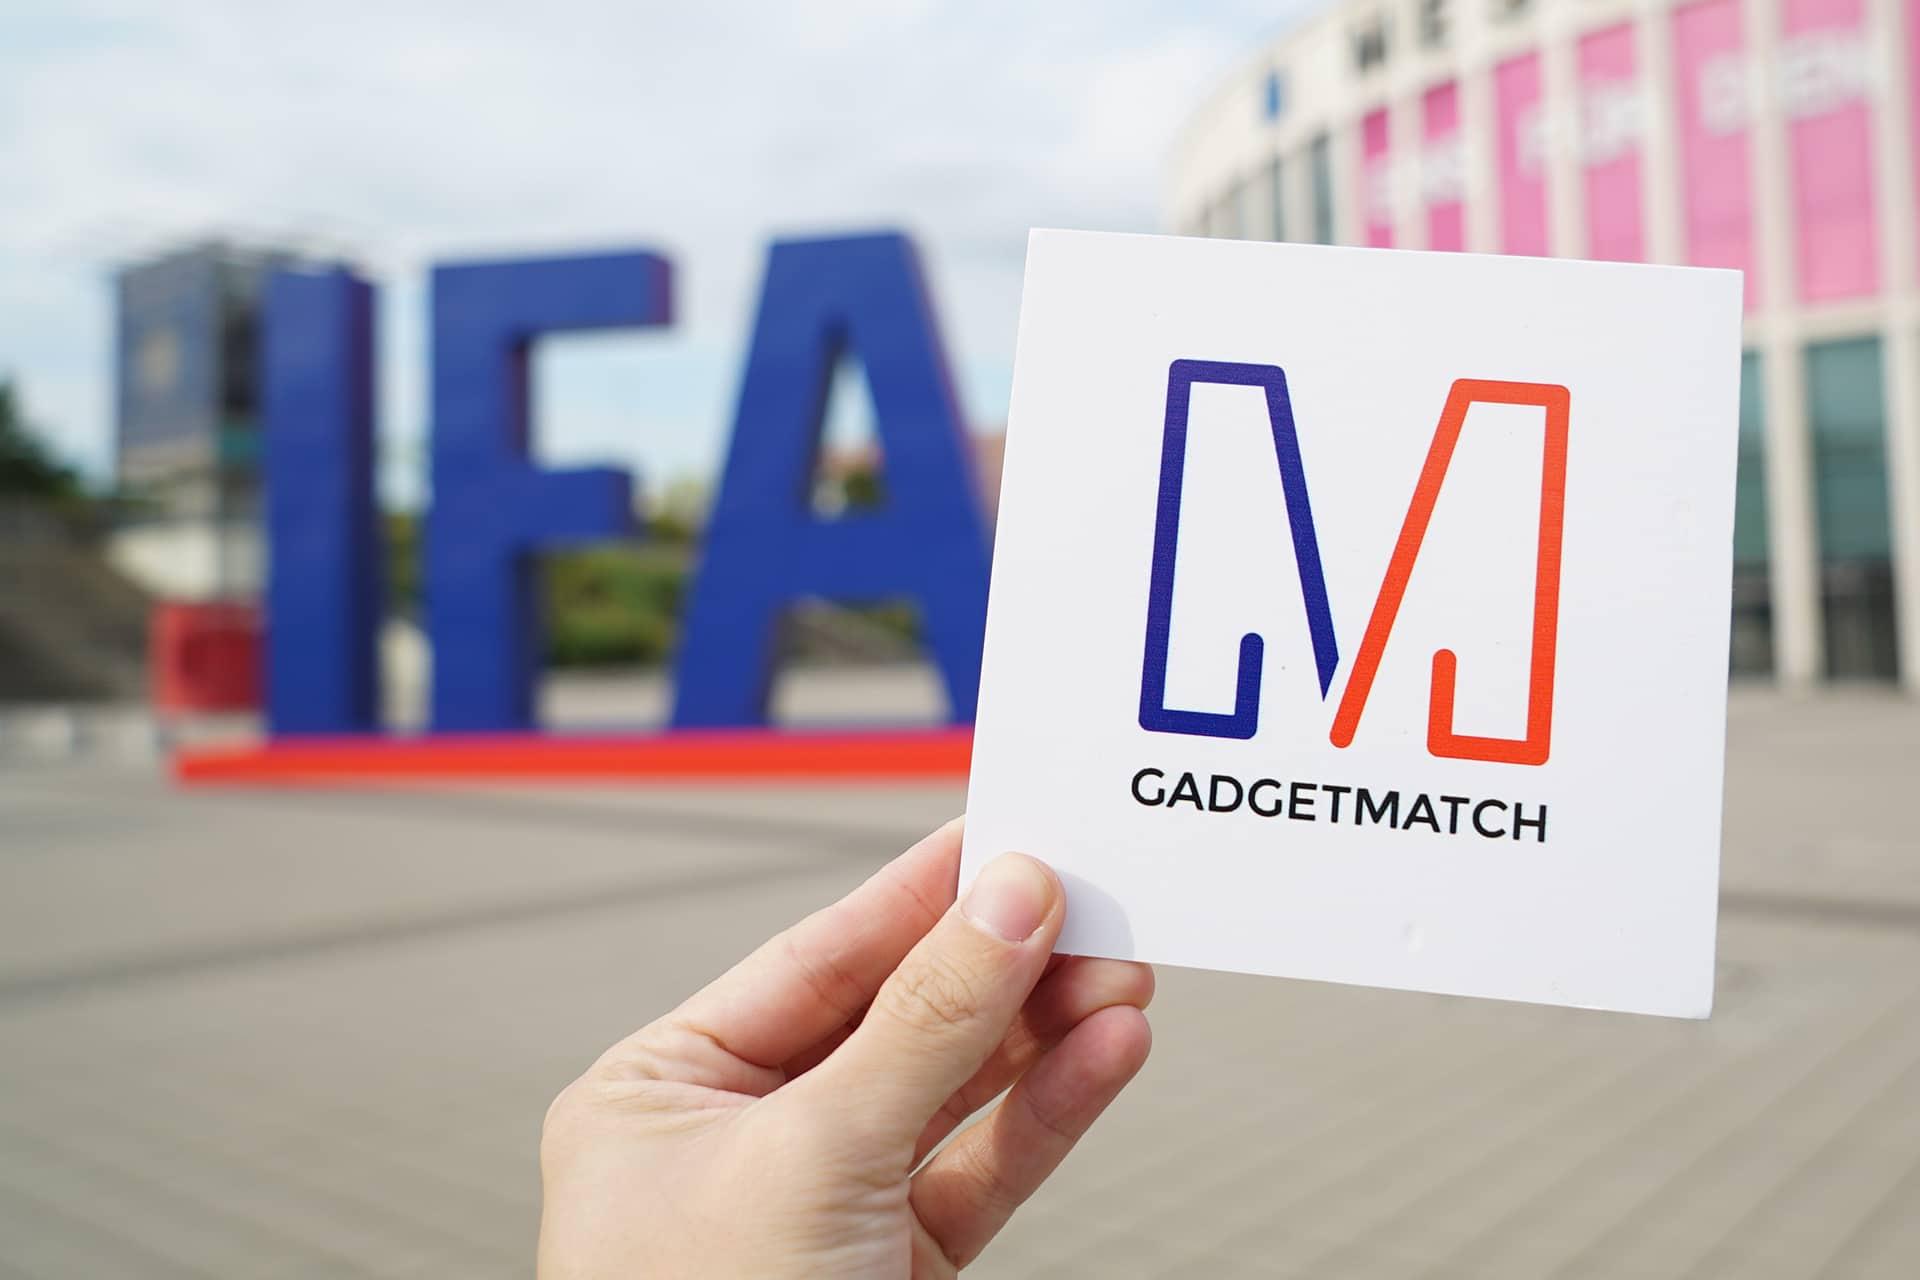 gadgetmatch-ifa-2015-slider-background-05